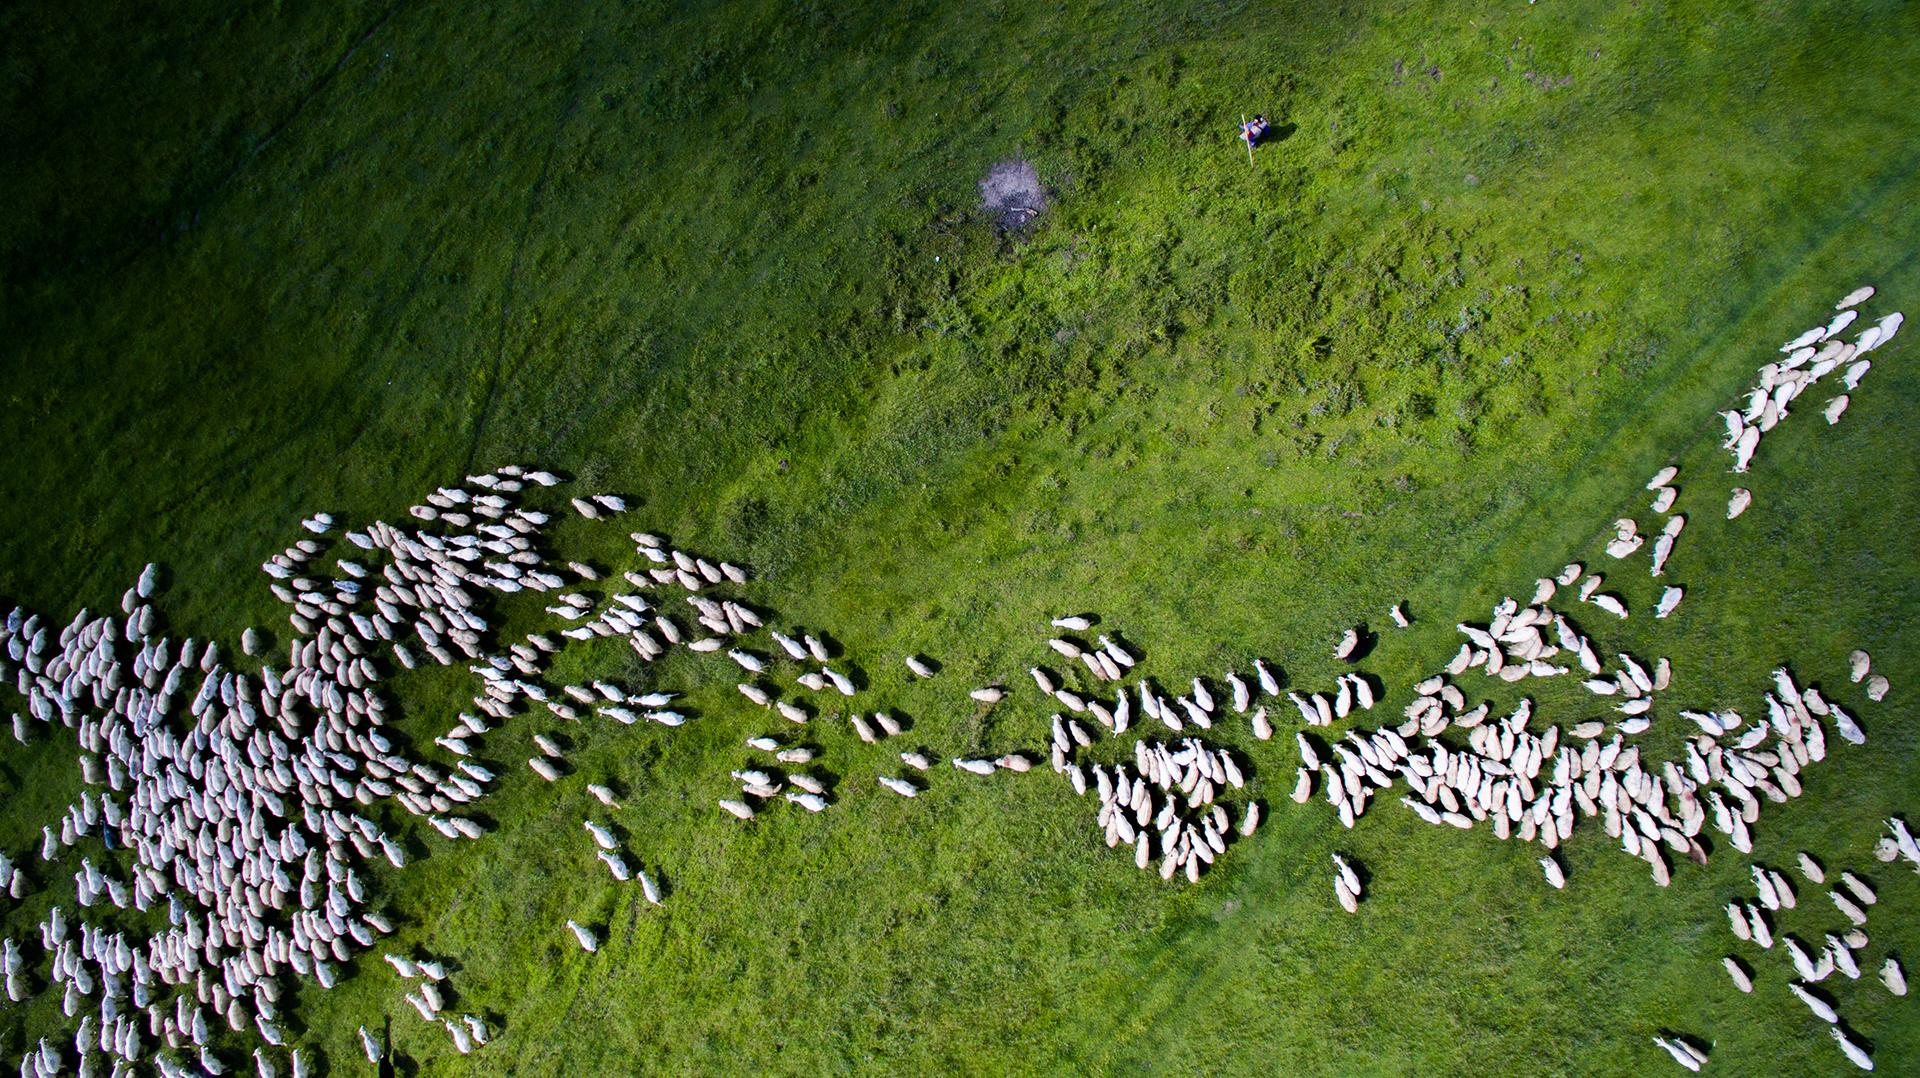 Una manada de ovejas en Rumaniaterminó en segundo lugar en la categoría Naturaleza y vida salvaje (Szabolcs Ignacz)